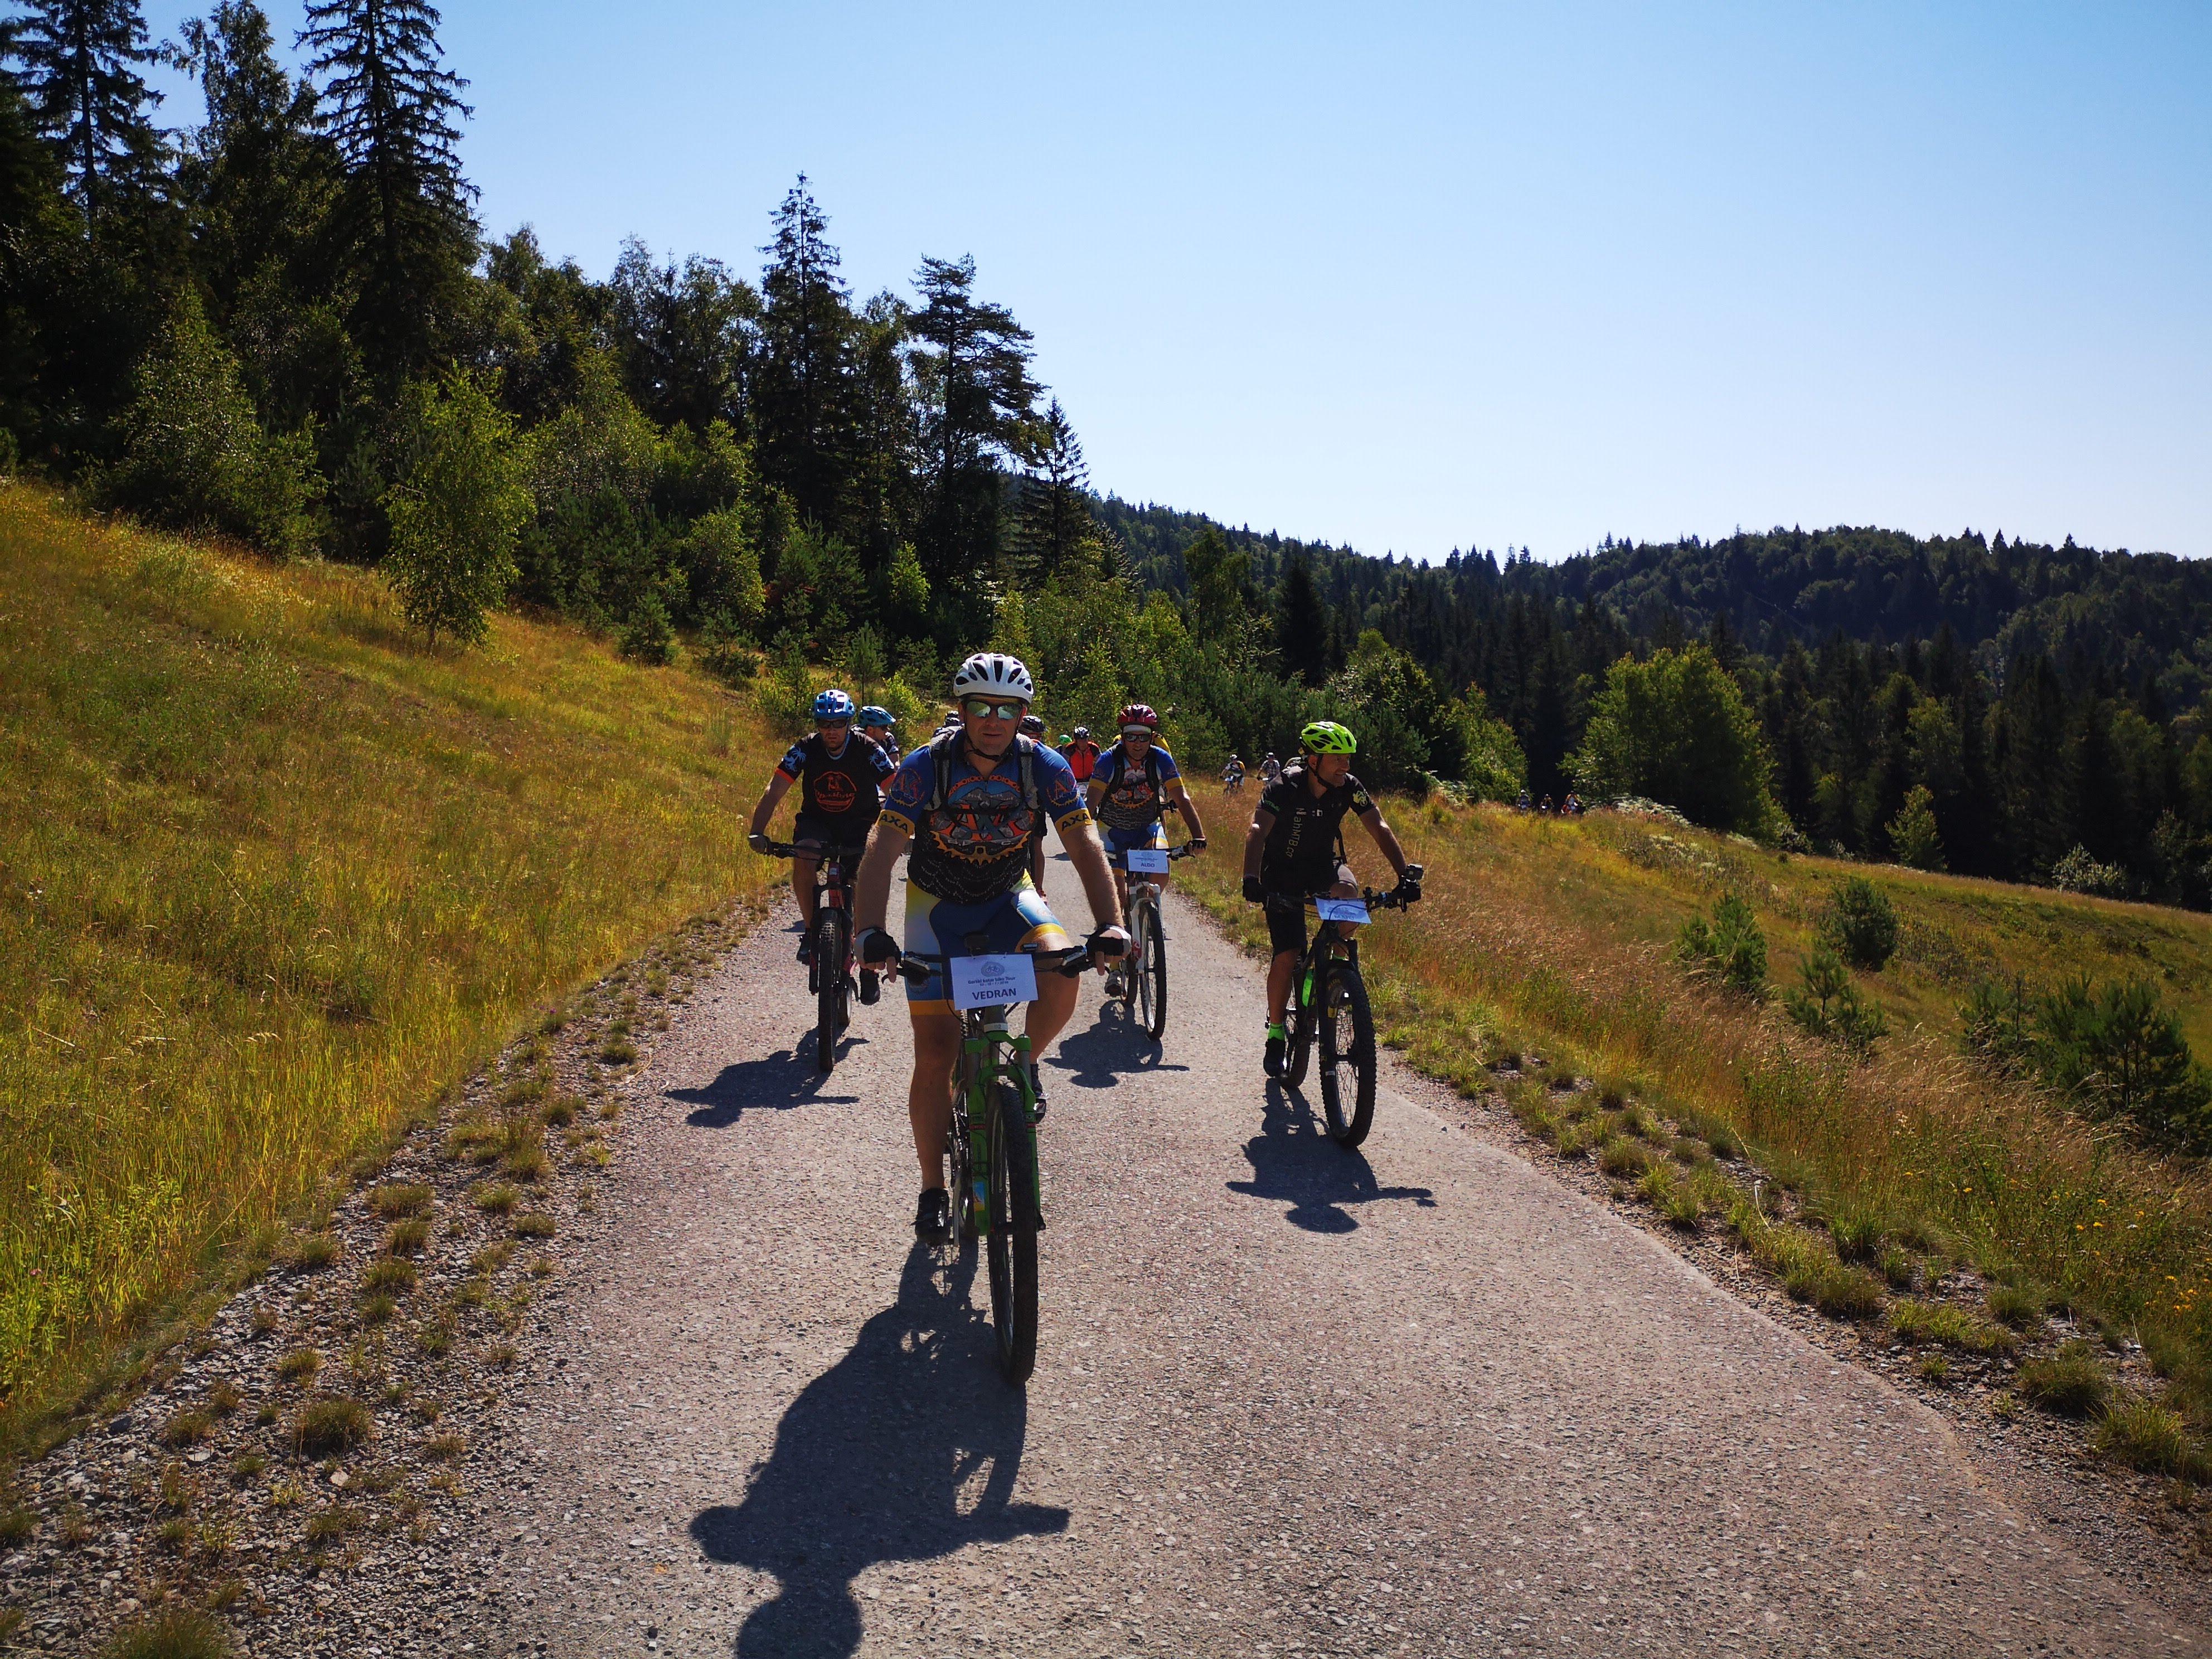 Biciklističke staze na području Gorskog kotara privlače sve više ljudi željnih aktivnog odmora  / Foto  M. KRMPOTIĆ